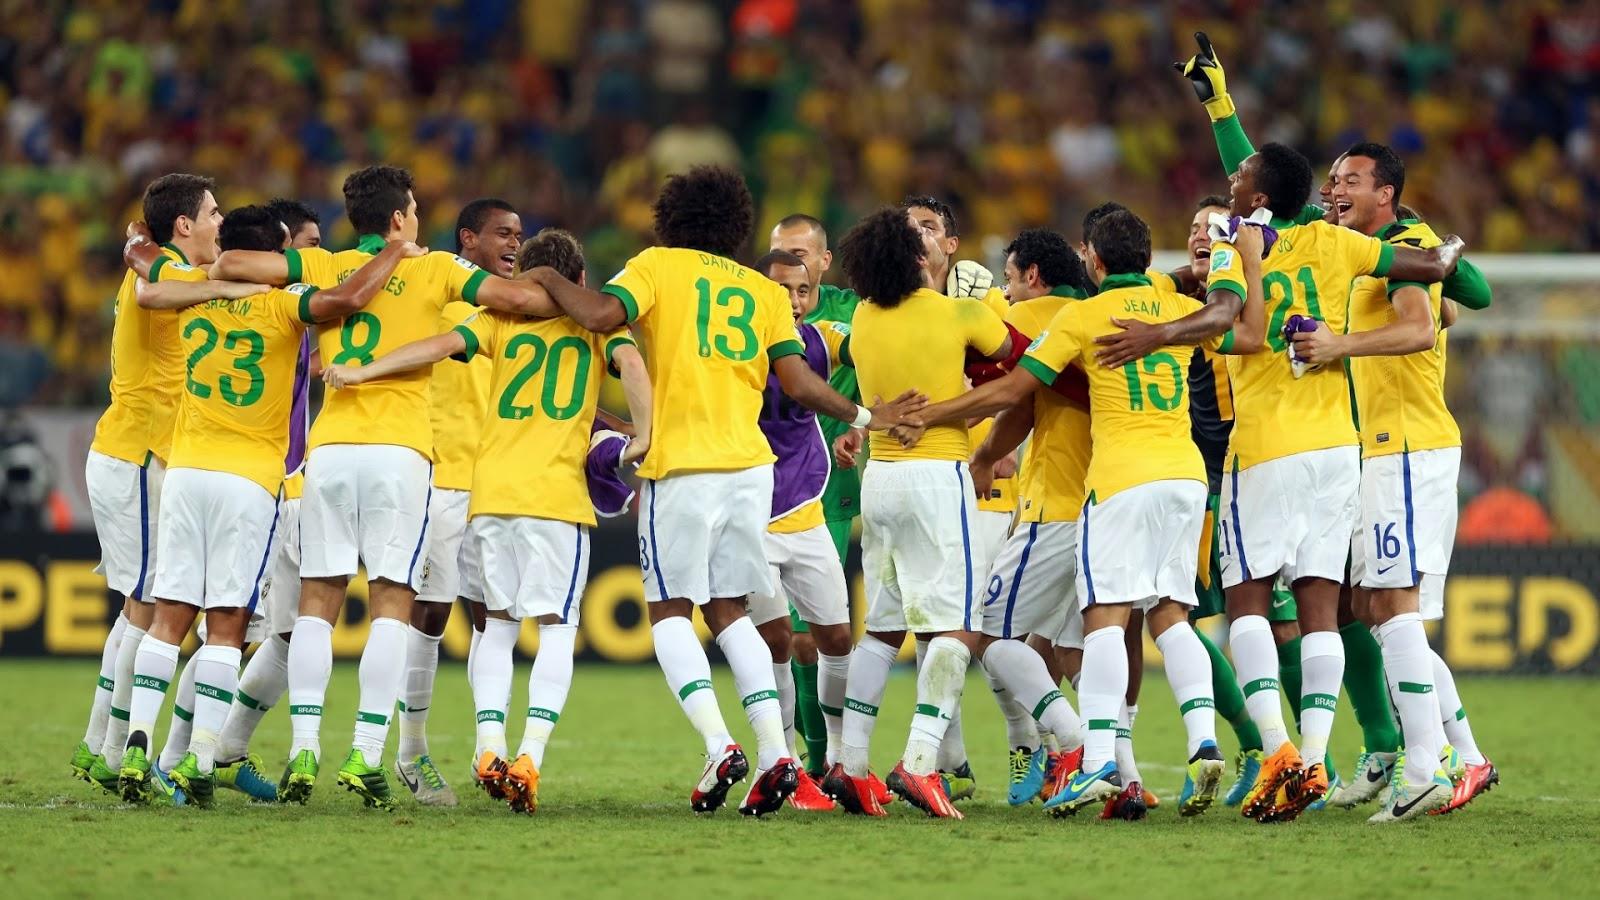 Definidas as 32 seleções classificadas para a Copa do Mundo do Brasil 2014 f656d81fb8463